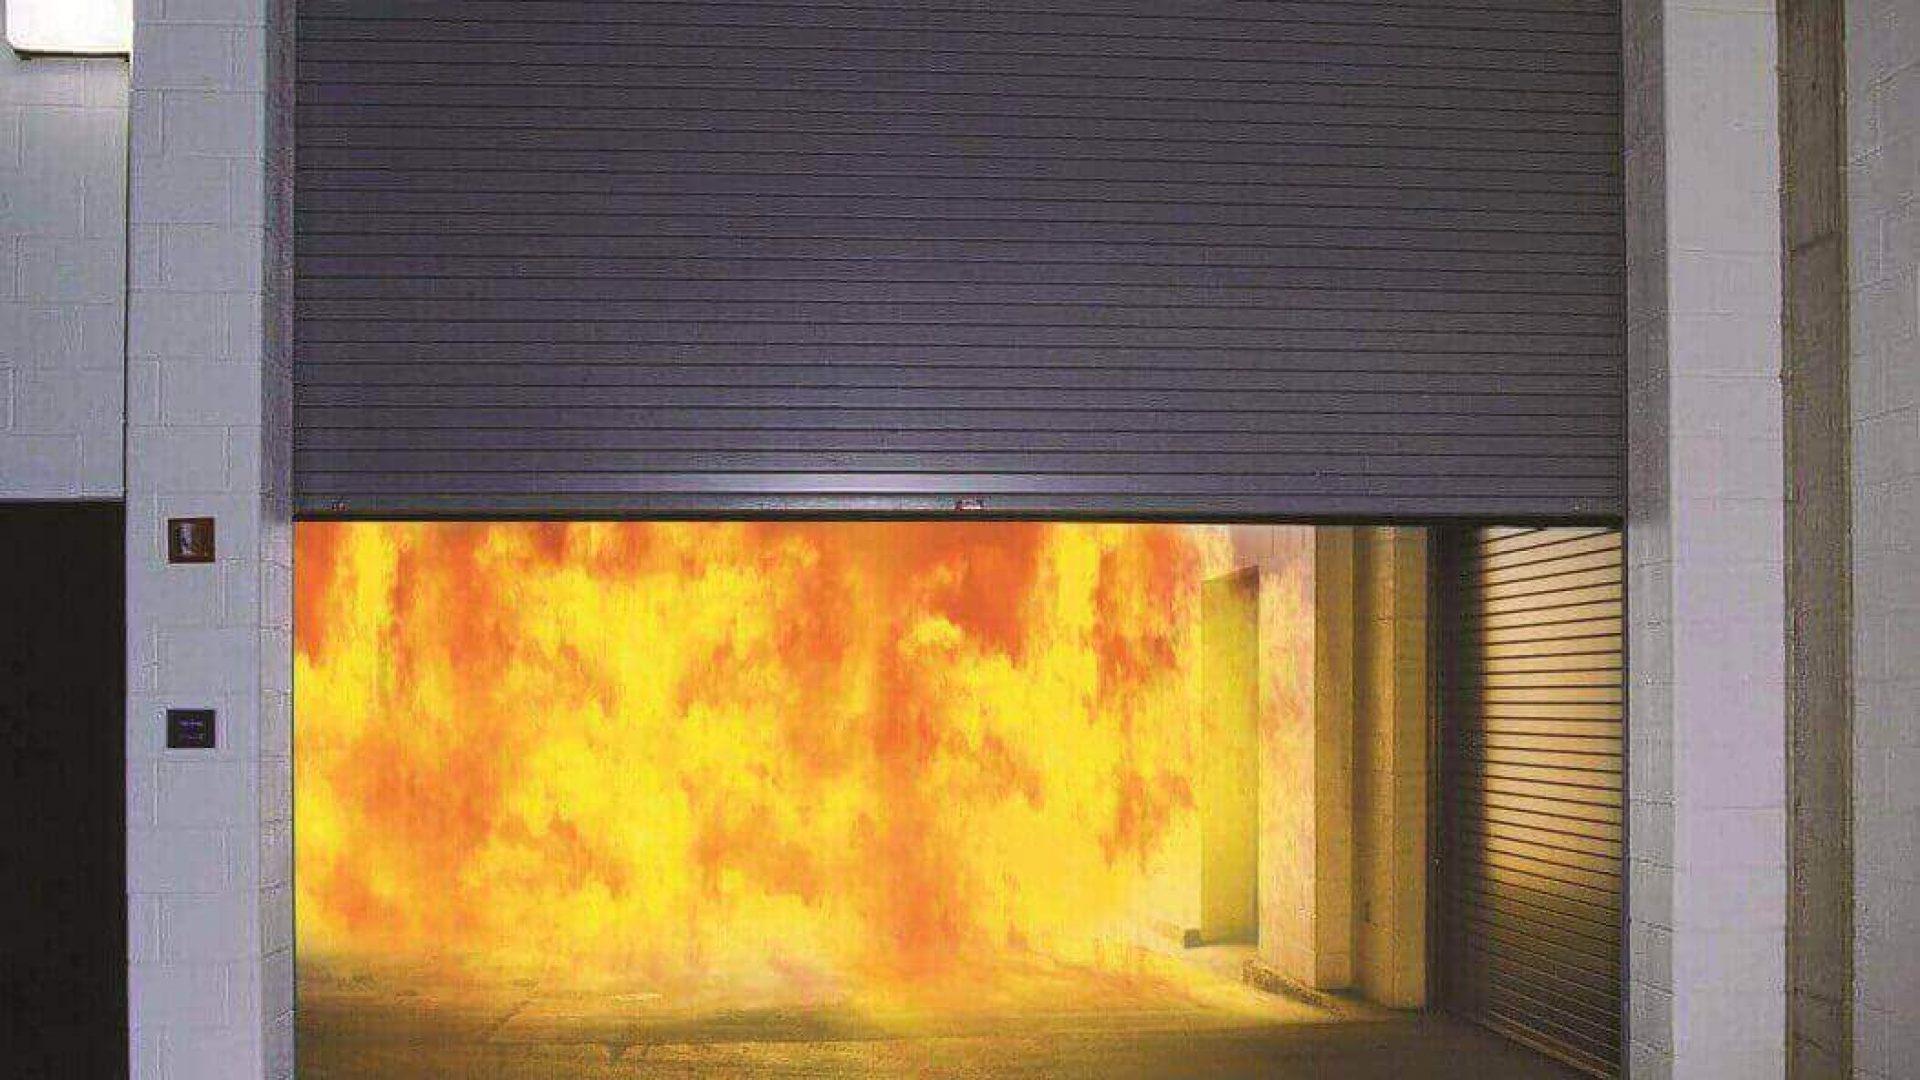 Fire_Doors_1